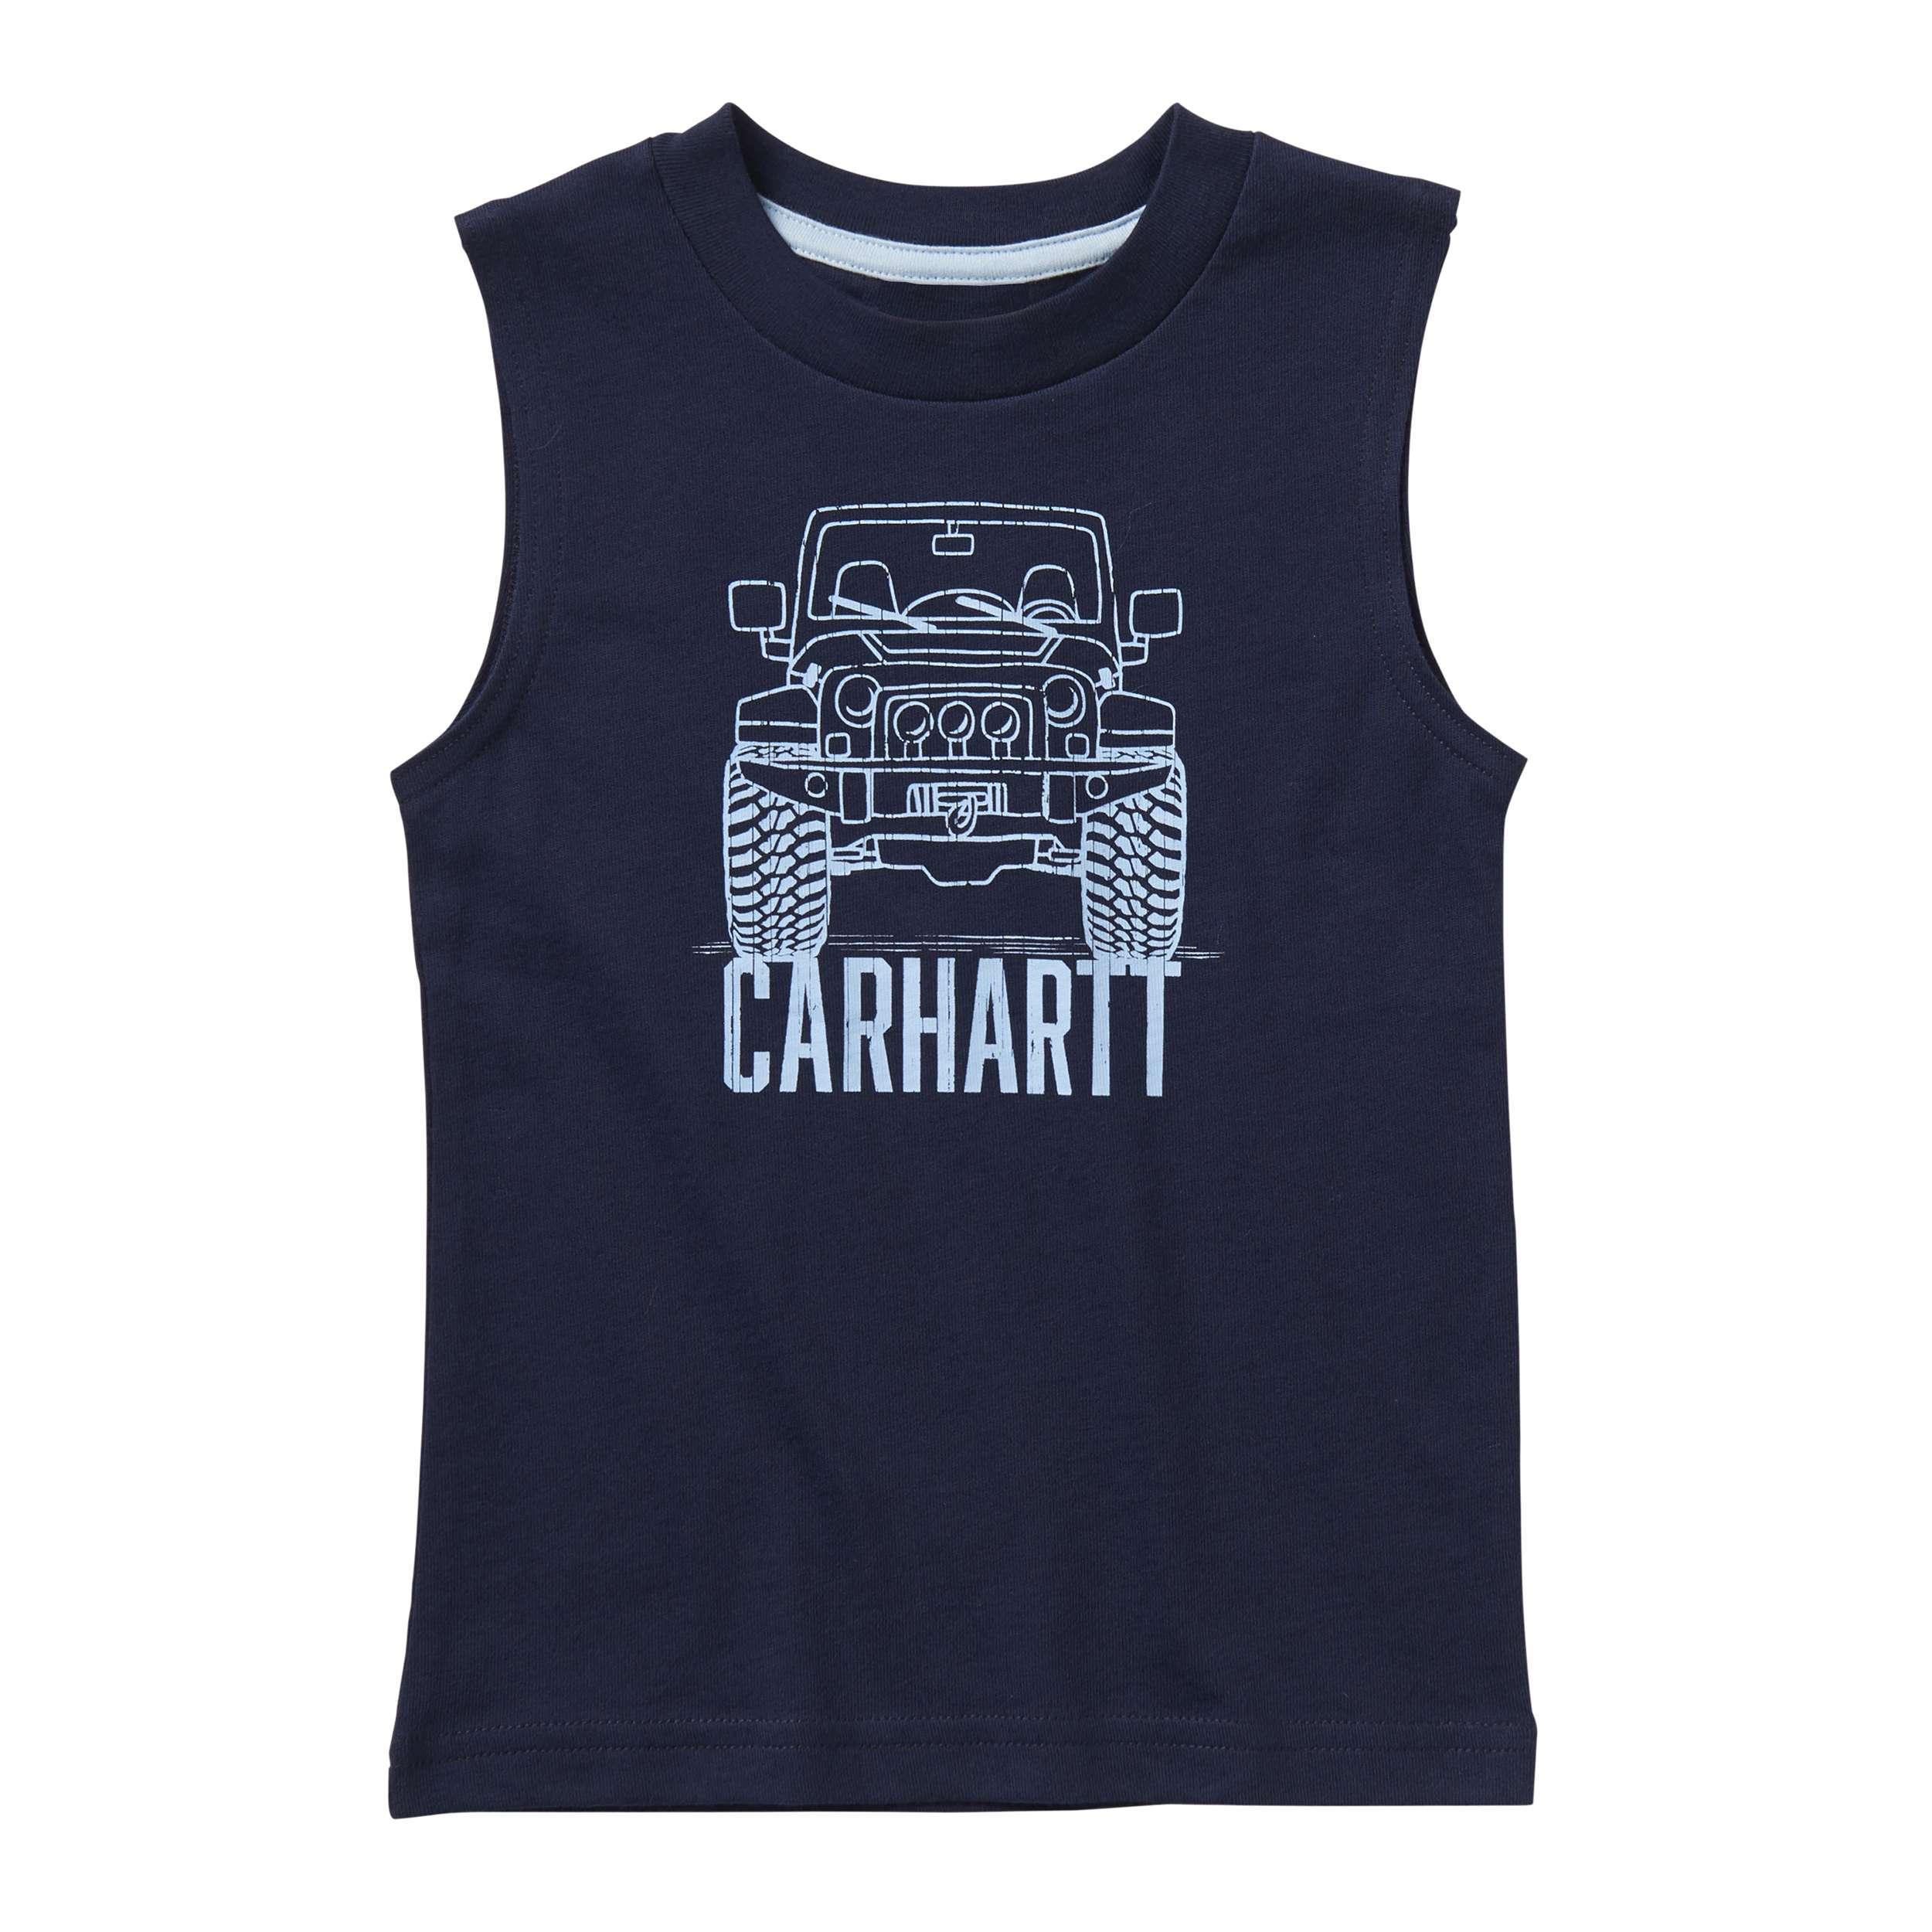 Carhartt Sleeveless Graphic Tee